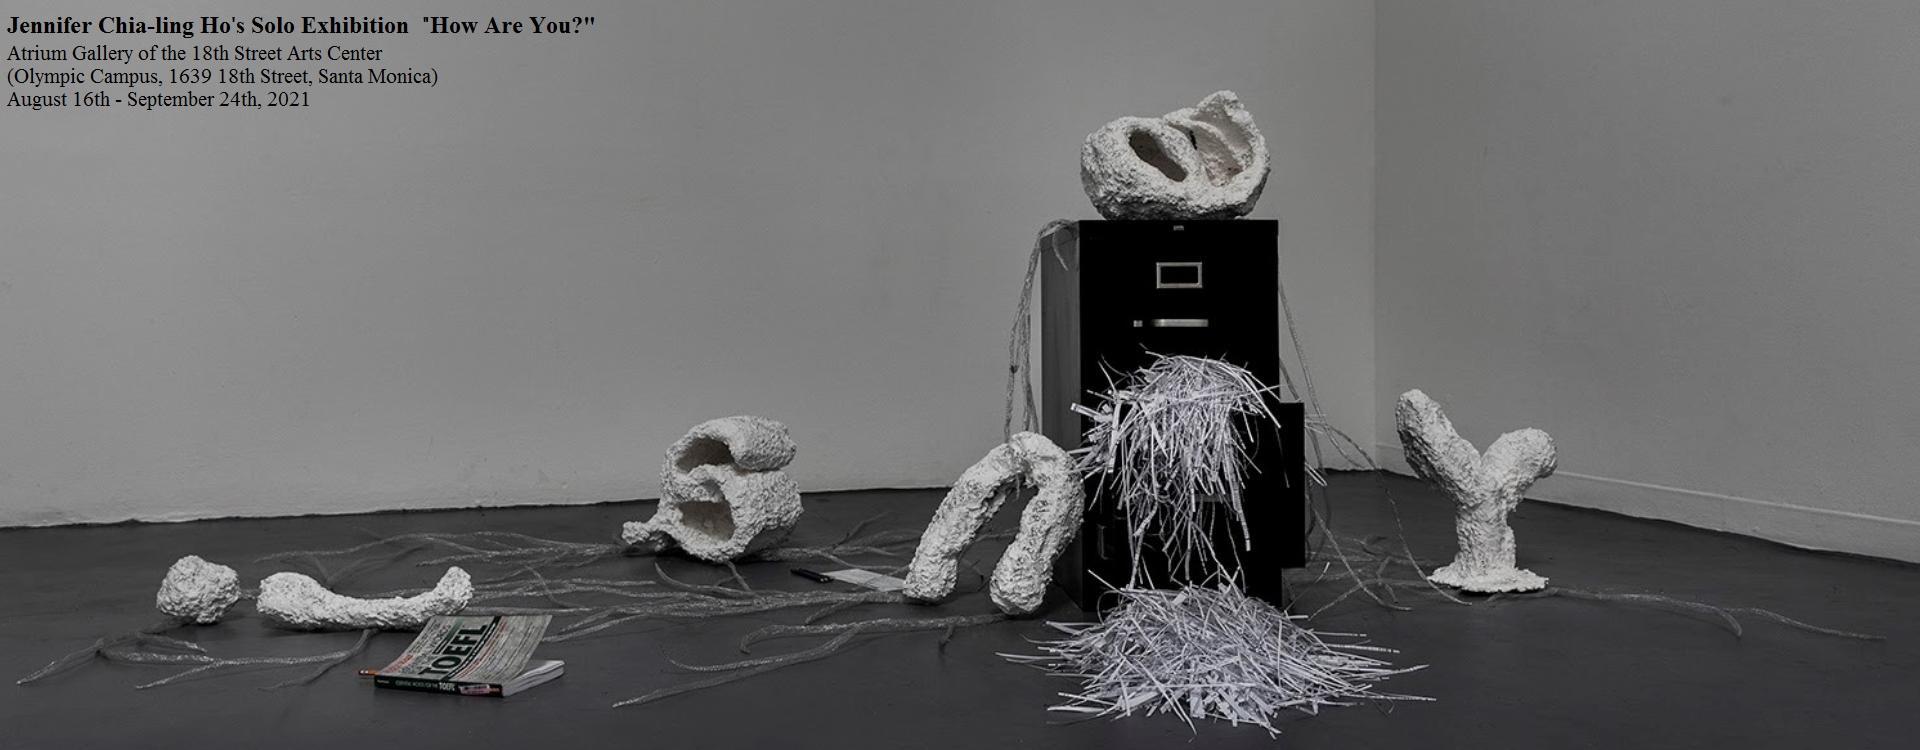 台灣藝術家何珈寧個展「你好」於洛杉磯18街藝術中心展出「另開新視窗」